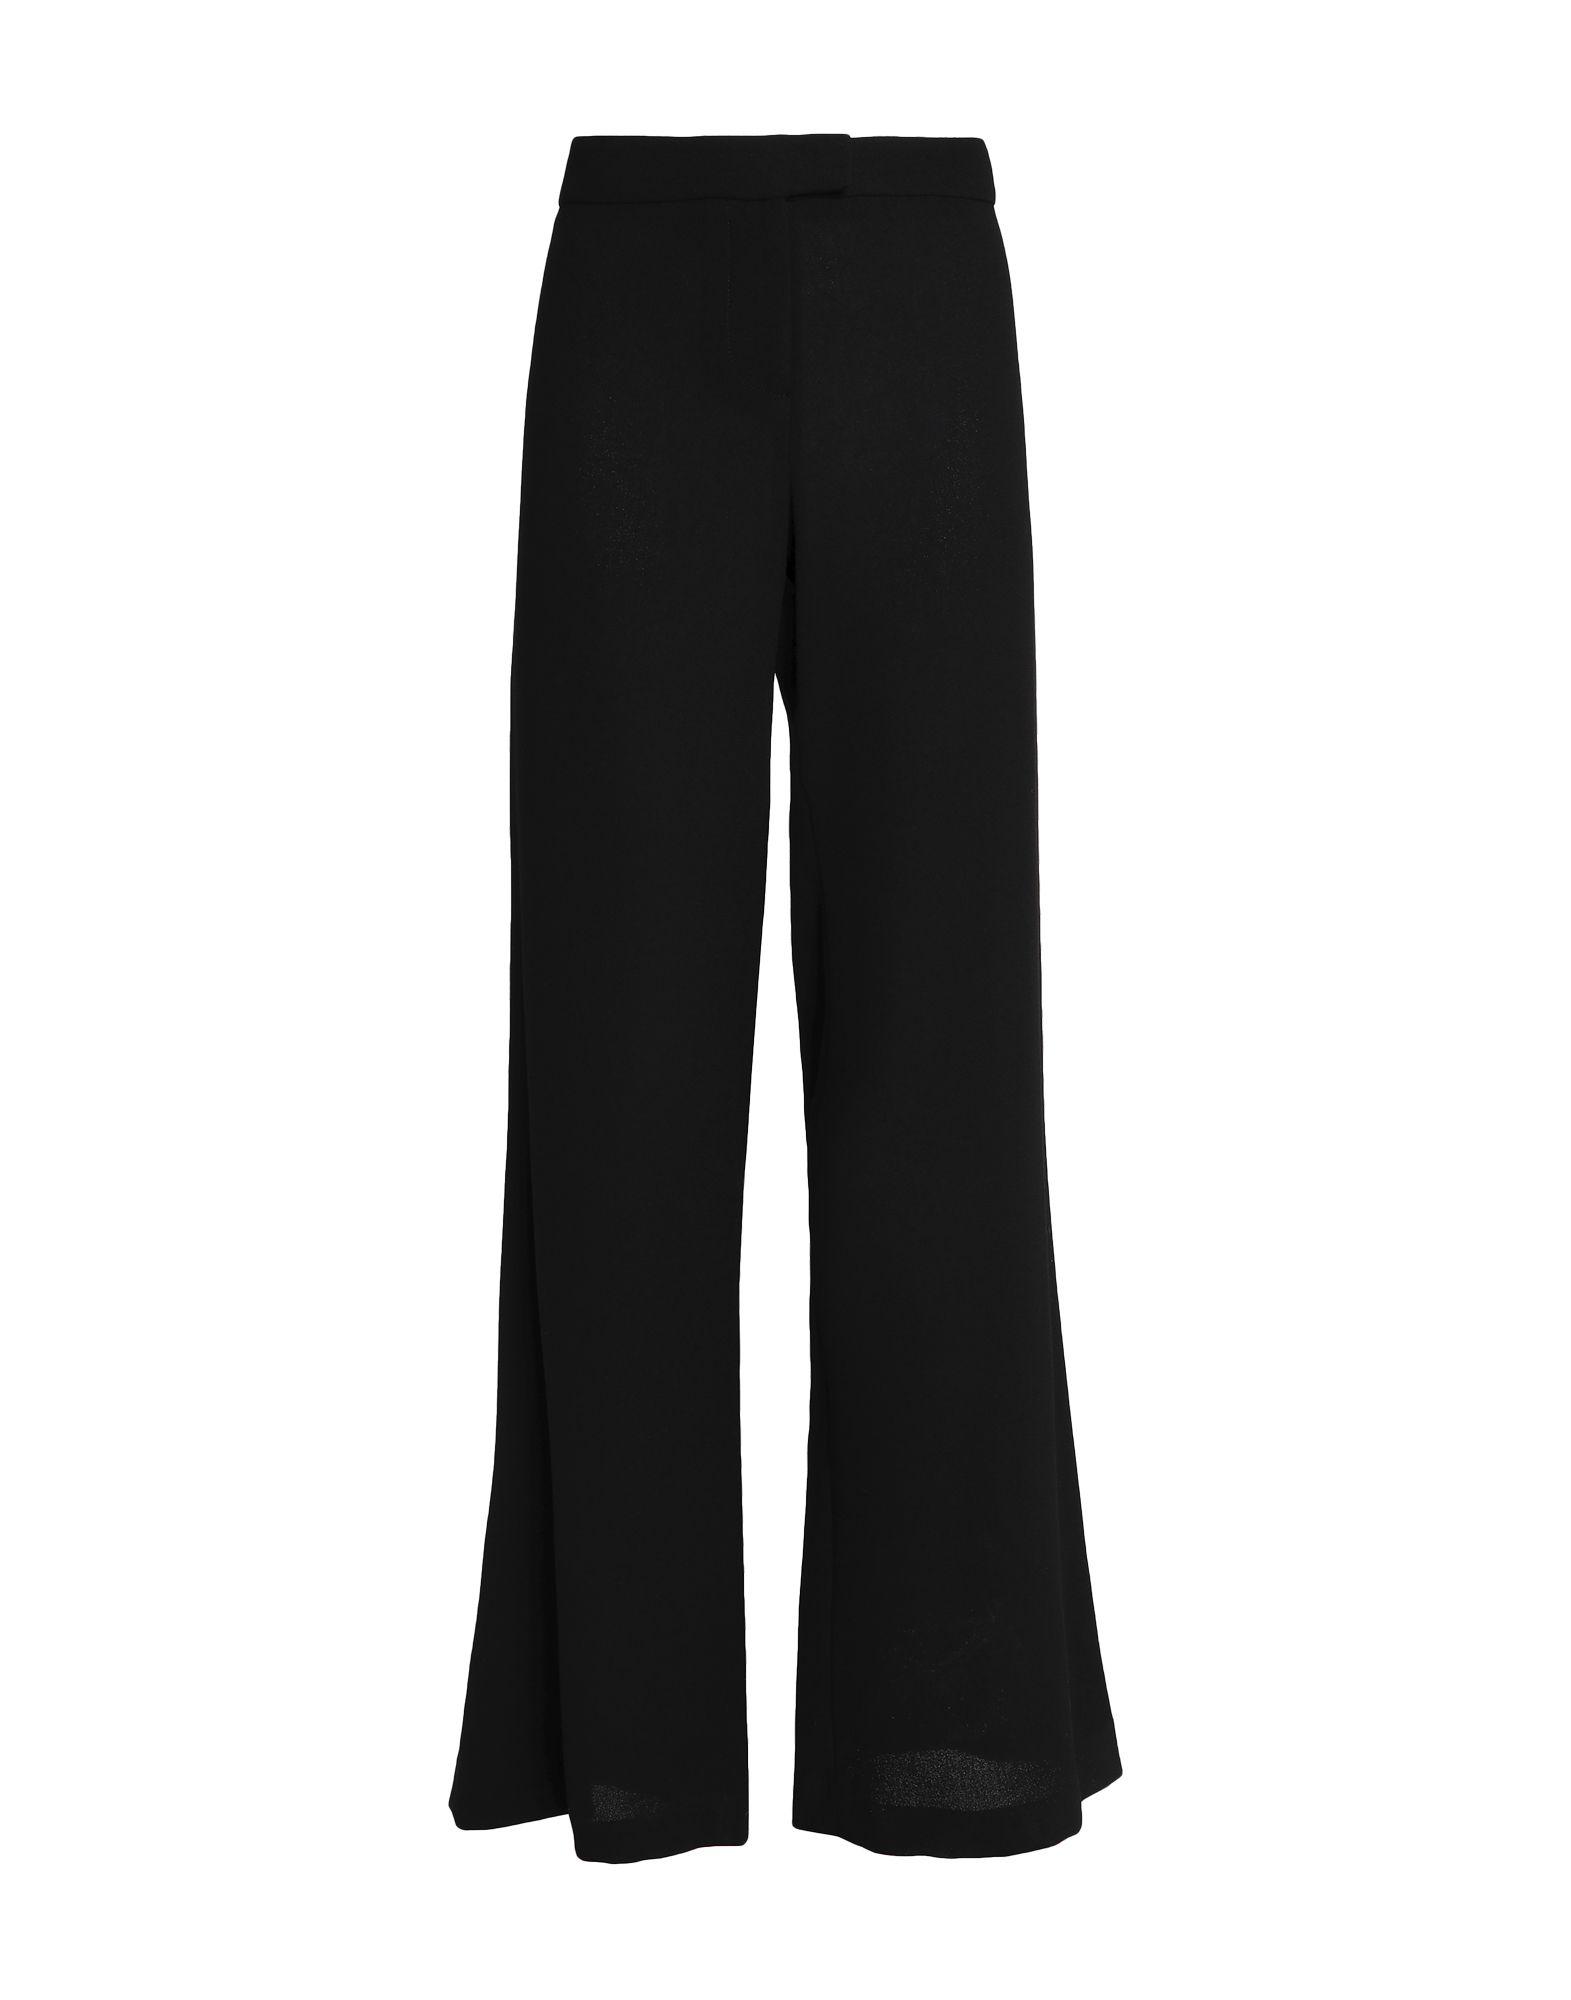 《送料無料》GOAT レディース パンツ ブラック 12 ウール 100%